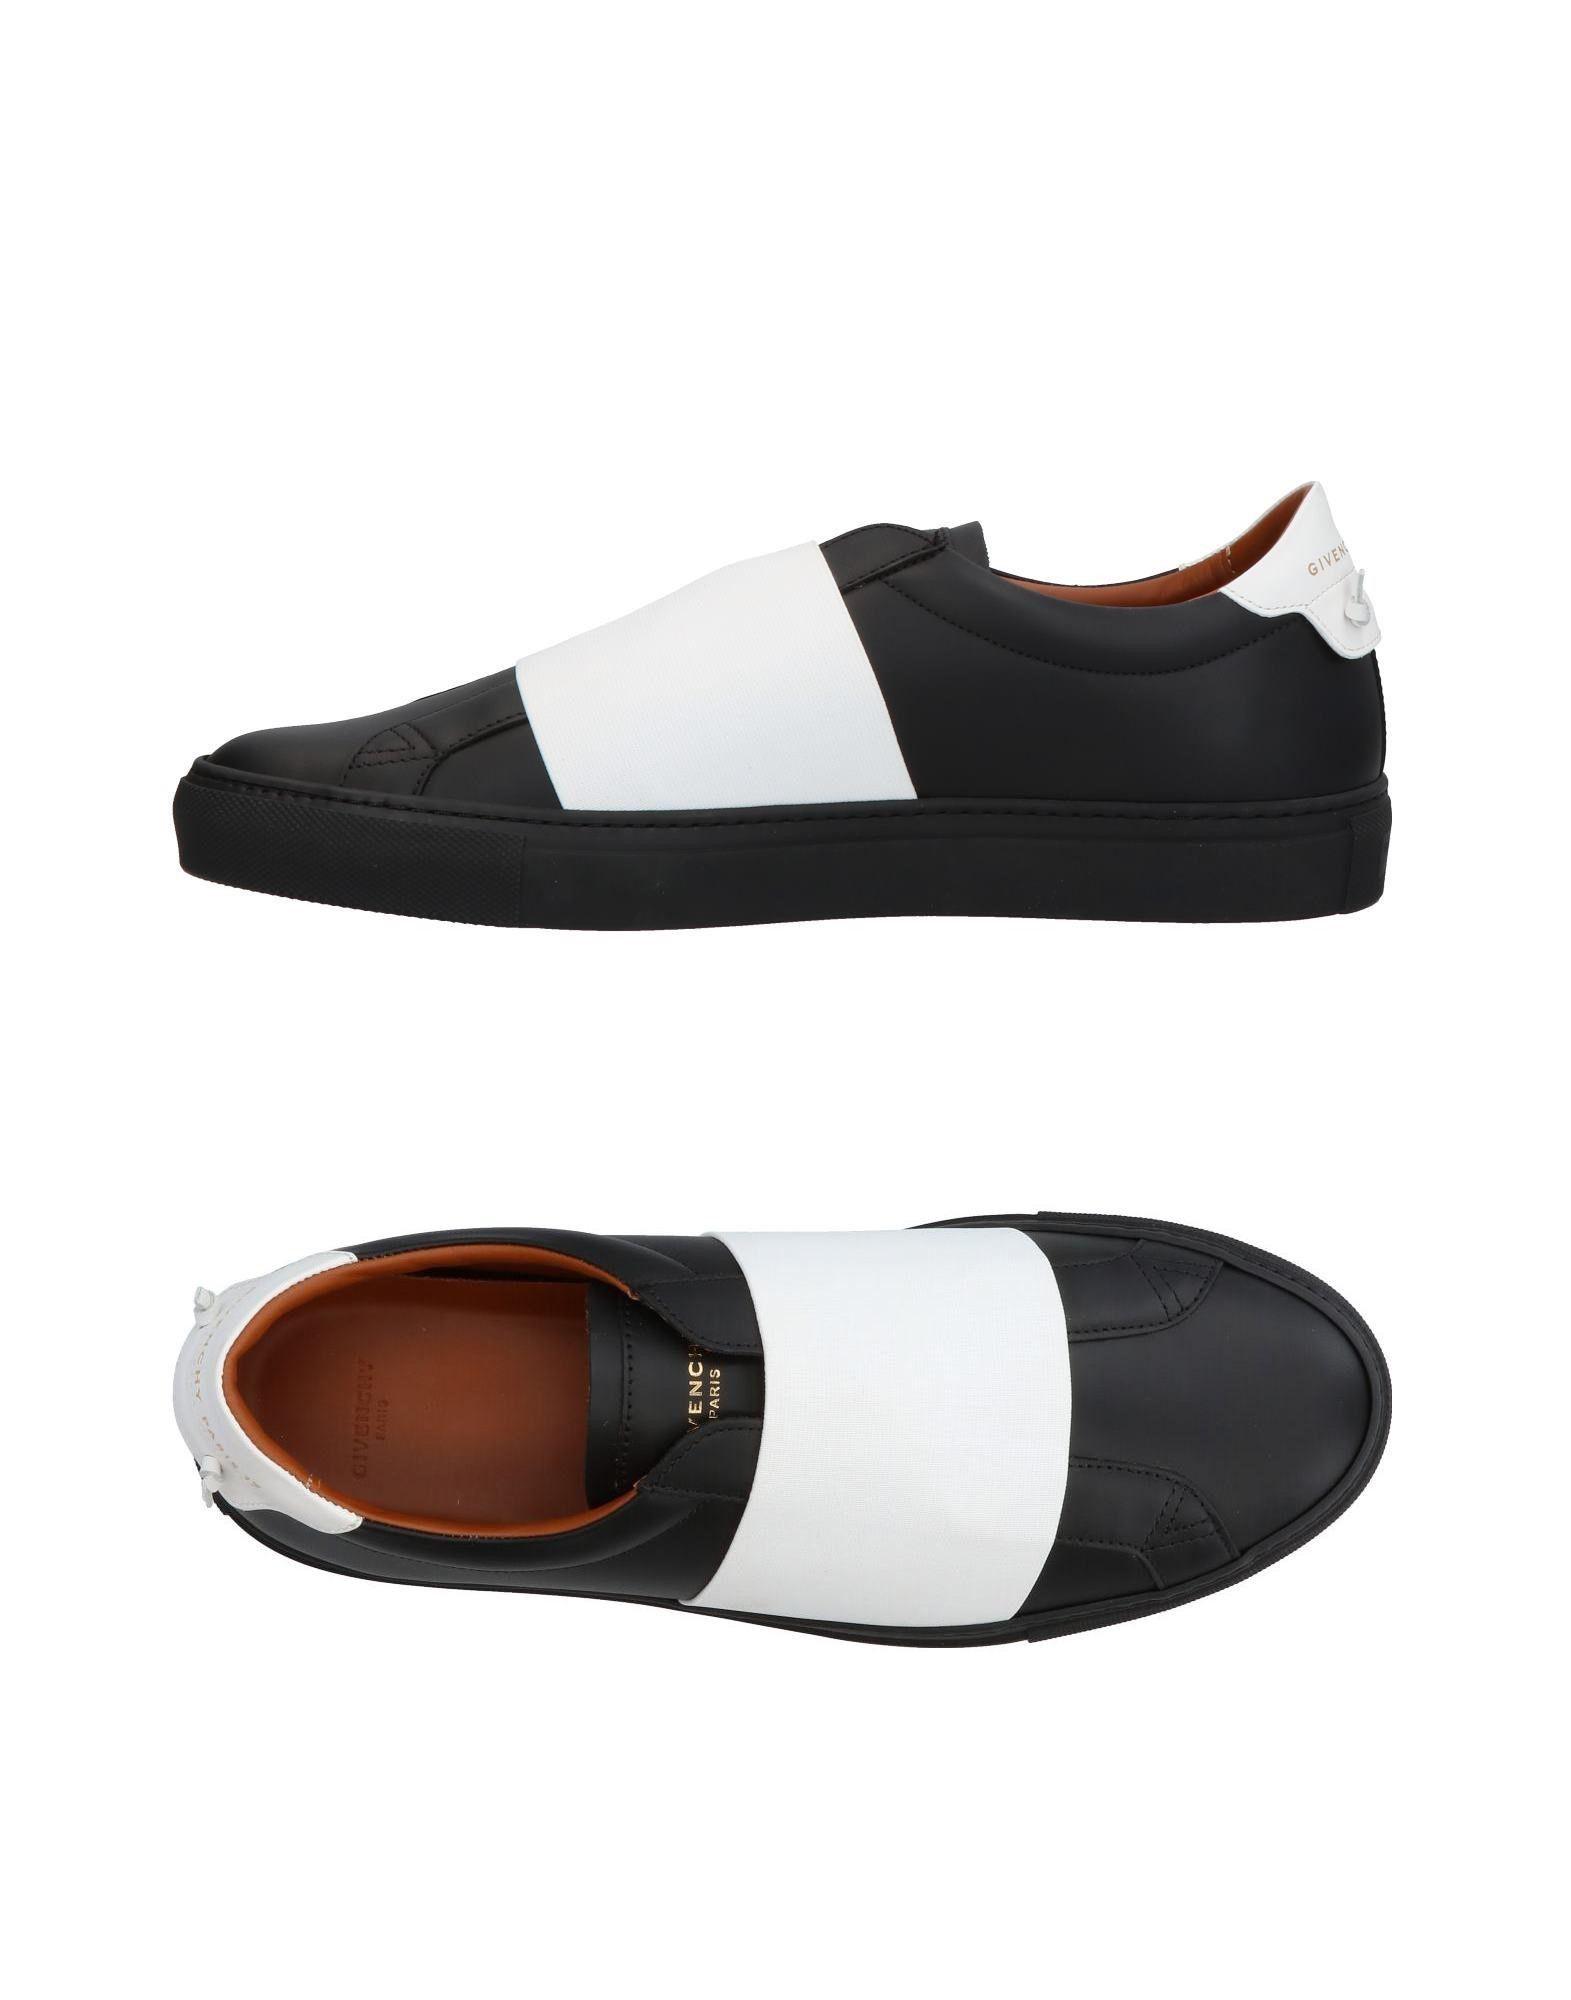 Givenchy Sneakers Herren  11327519HR Gute Qualität beliebte Schuhe